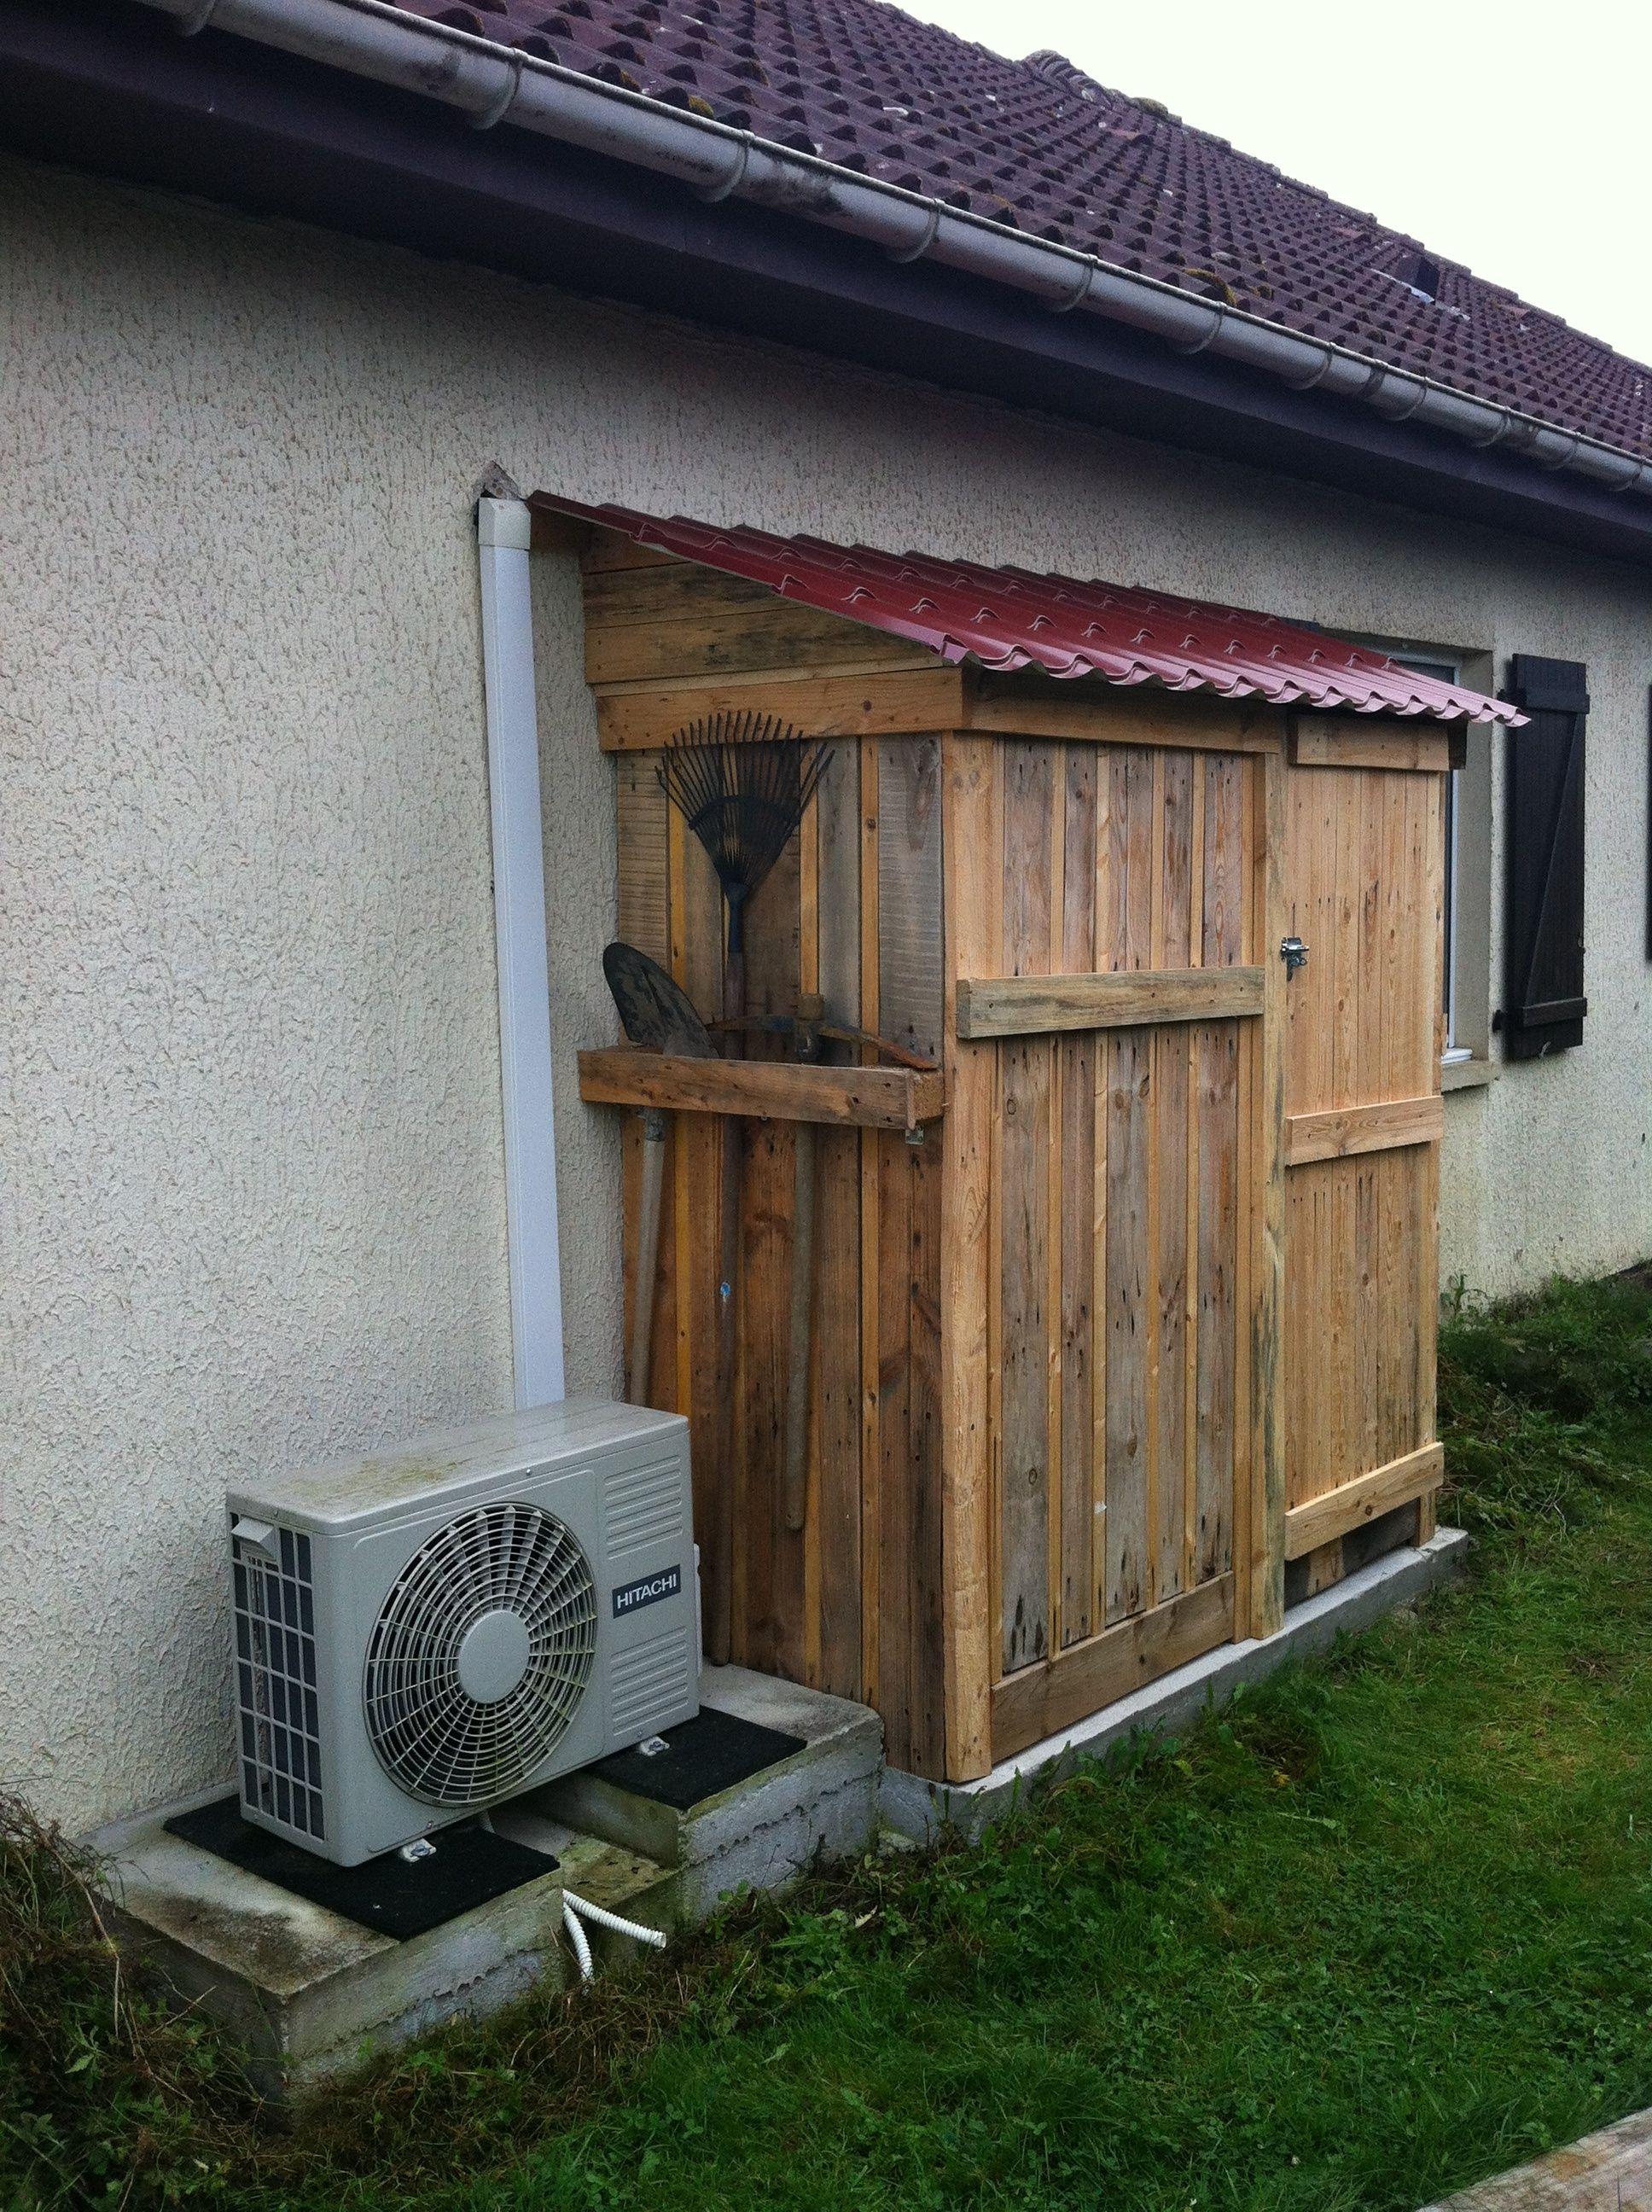 Creation of a garden shed from pallets and imitation roof tile. Réalisation d'un abri de jardin à partir de palettes et d'une toiture imitation tuile. Idea sent by BREYSSE Cyrille !